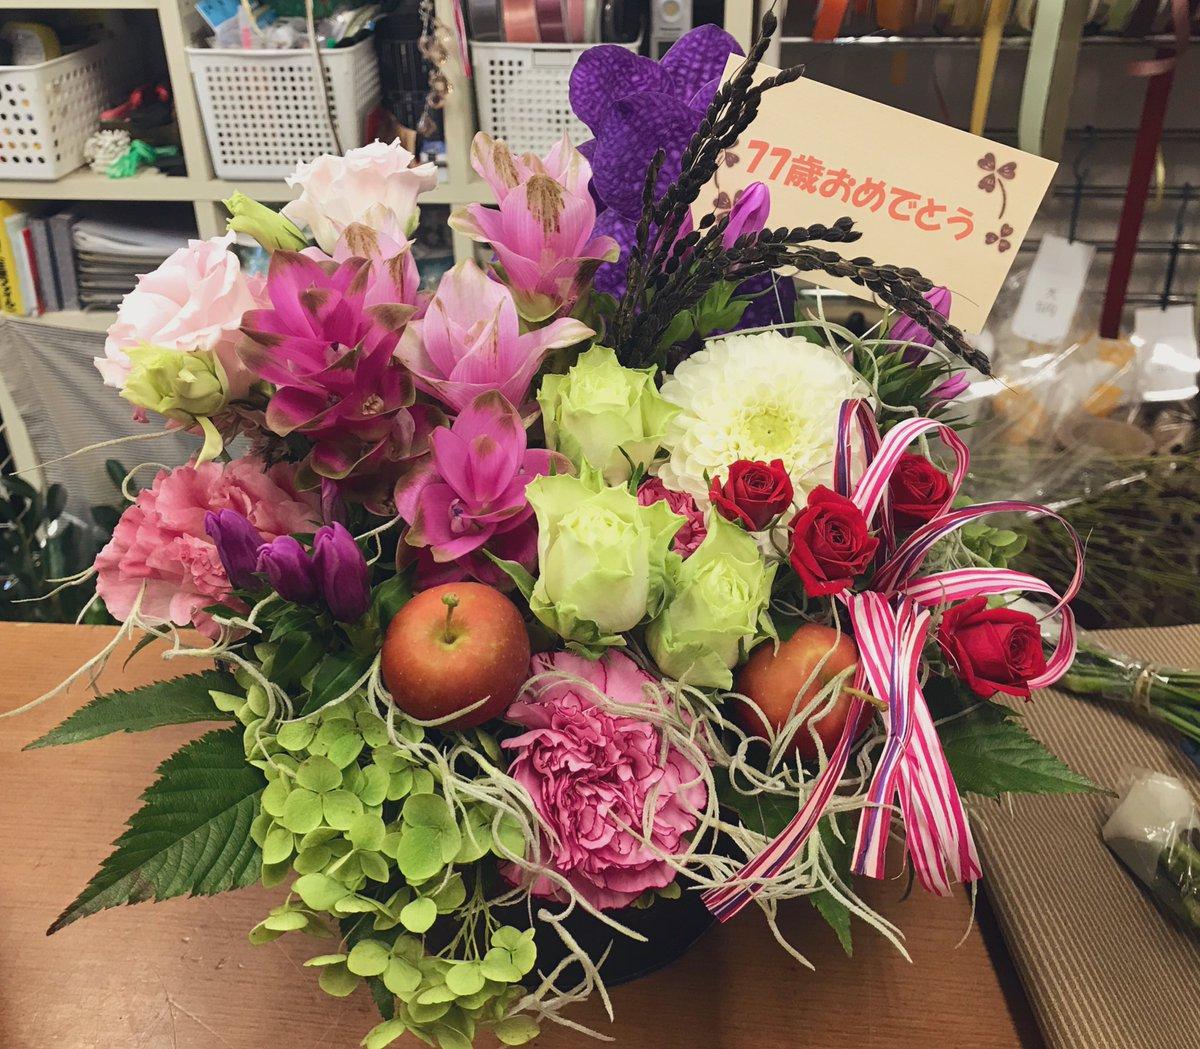 test ツイッターメディア - お義母さんが今月誕生日でしかも喜寿だったと知り慌ててお花調達。でも相変わらずコストコの買い物代支払われ花よりコストコ代のが高いんだけどってゆーお祝いになってないんですが顛末どうしようもない。結局この後に行った浜松餃子しかご馳走してない。。 https://t.co/xRcJViFeoo